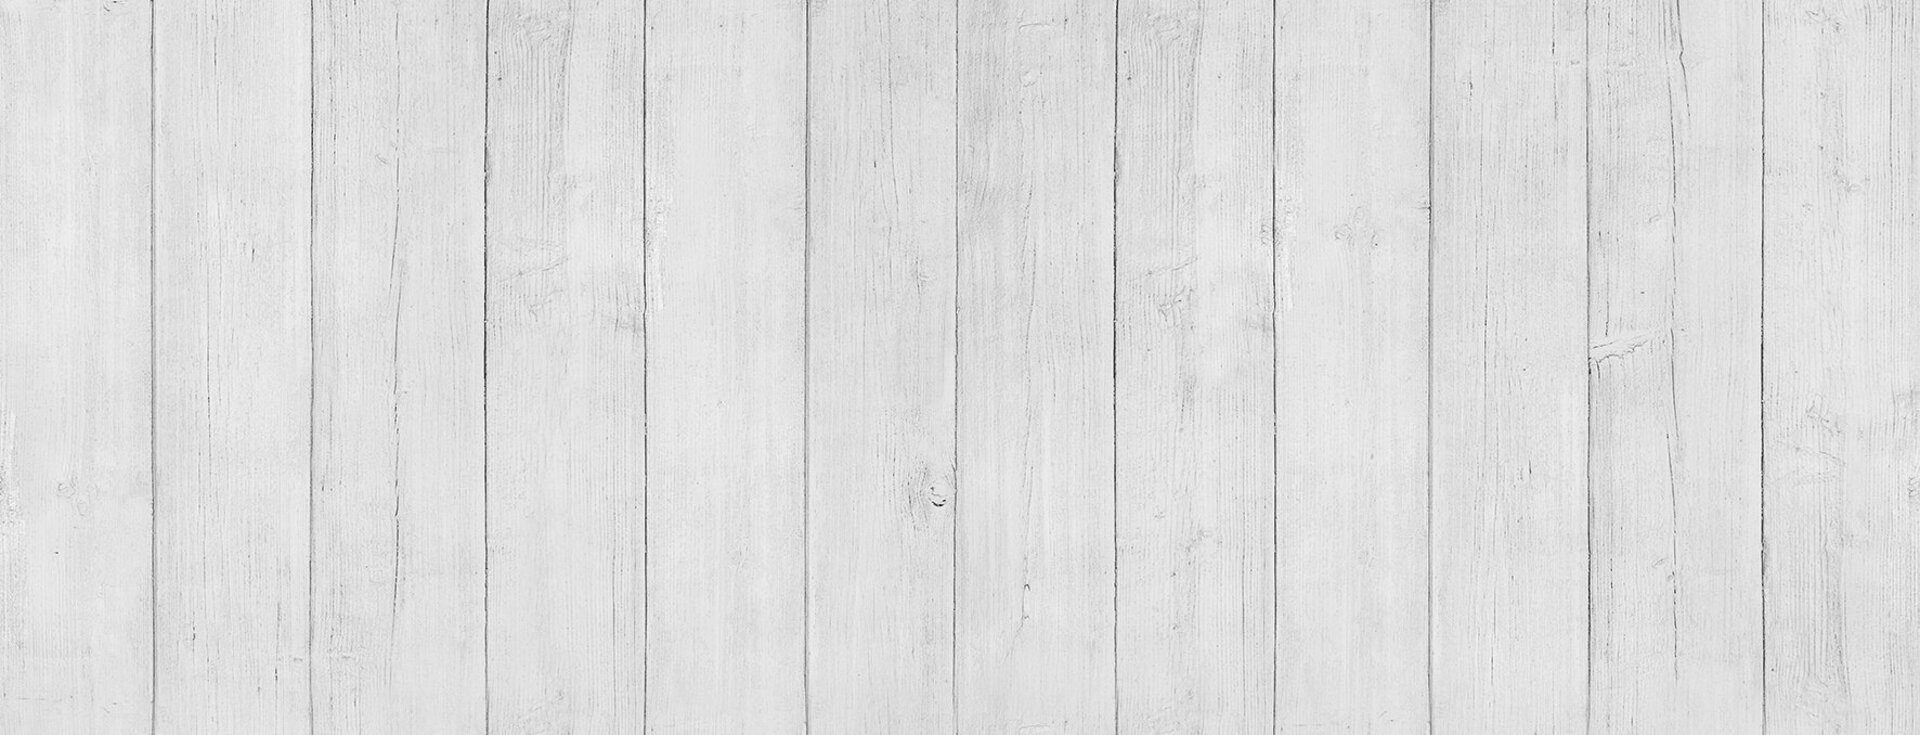 Bild Kitchen garden I Pro-Art Holzwerkstoff mehrfarbig 27 x 27 x 2 cm